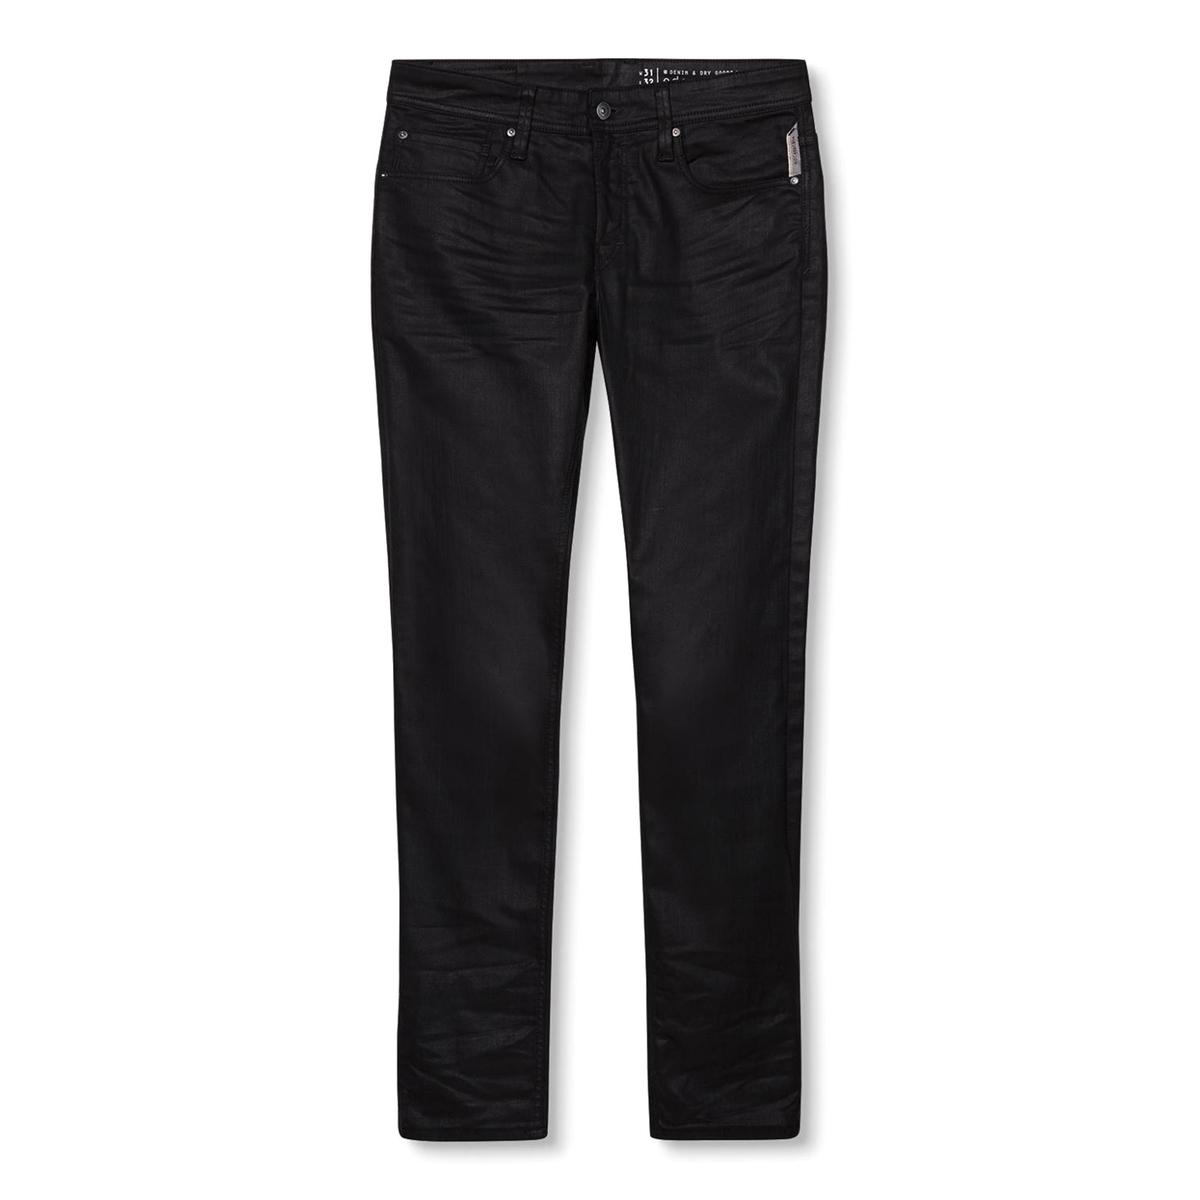 Джинсы узкие с эффектом пропиткиПятикарманные узкие джинсы ESPRIT. Эффект пропитки. Застежка на молнию и пуговицу. Пояс со шлевками.  Состав и описание:Материал: 99% хлопка, 1% эластана.Марка: ESPRIT.<br><br>Цвет: черный с пропиткой<br>Размер: 33 (US) длина 32.31 длина 32 (US)